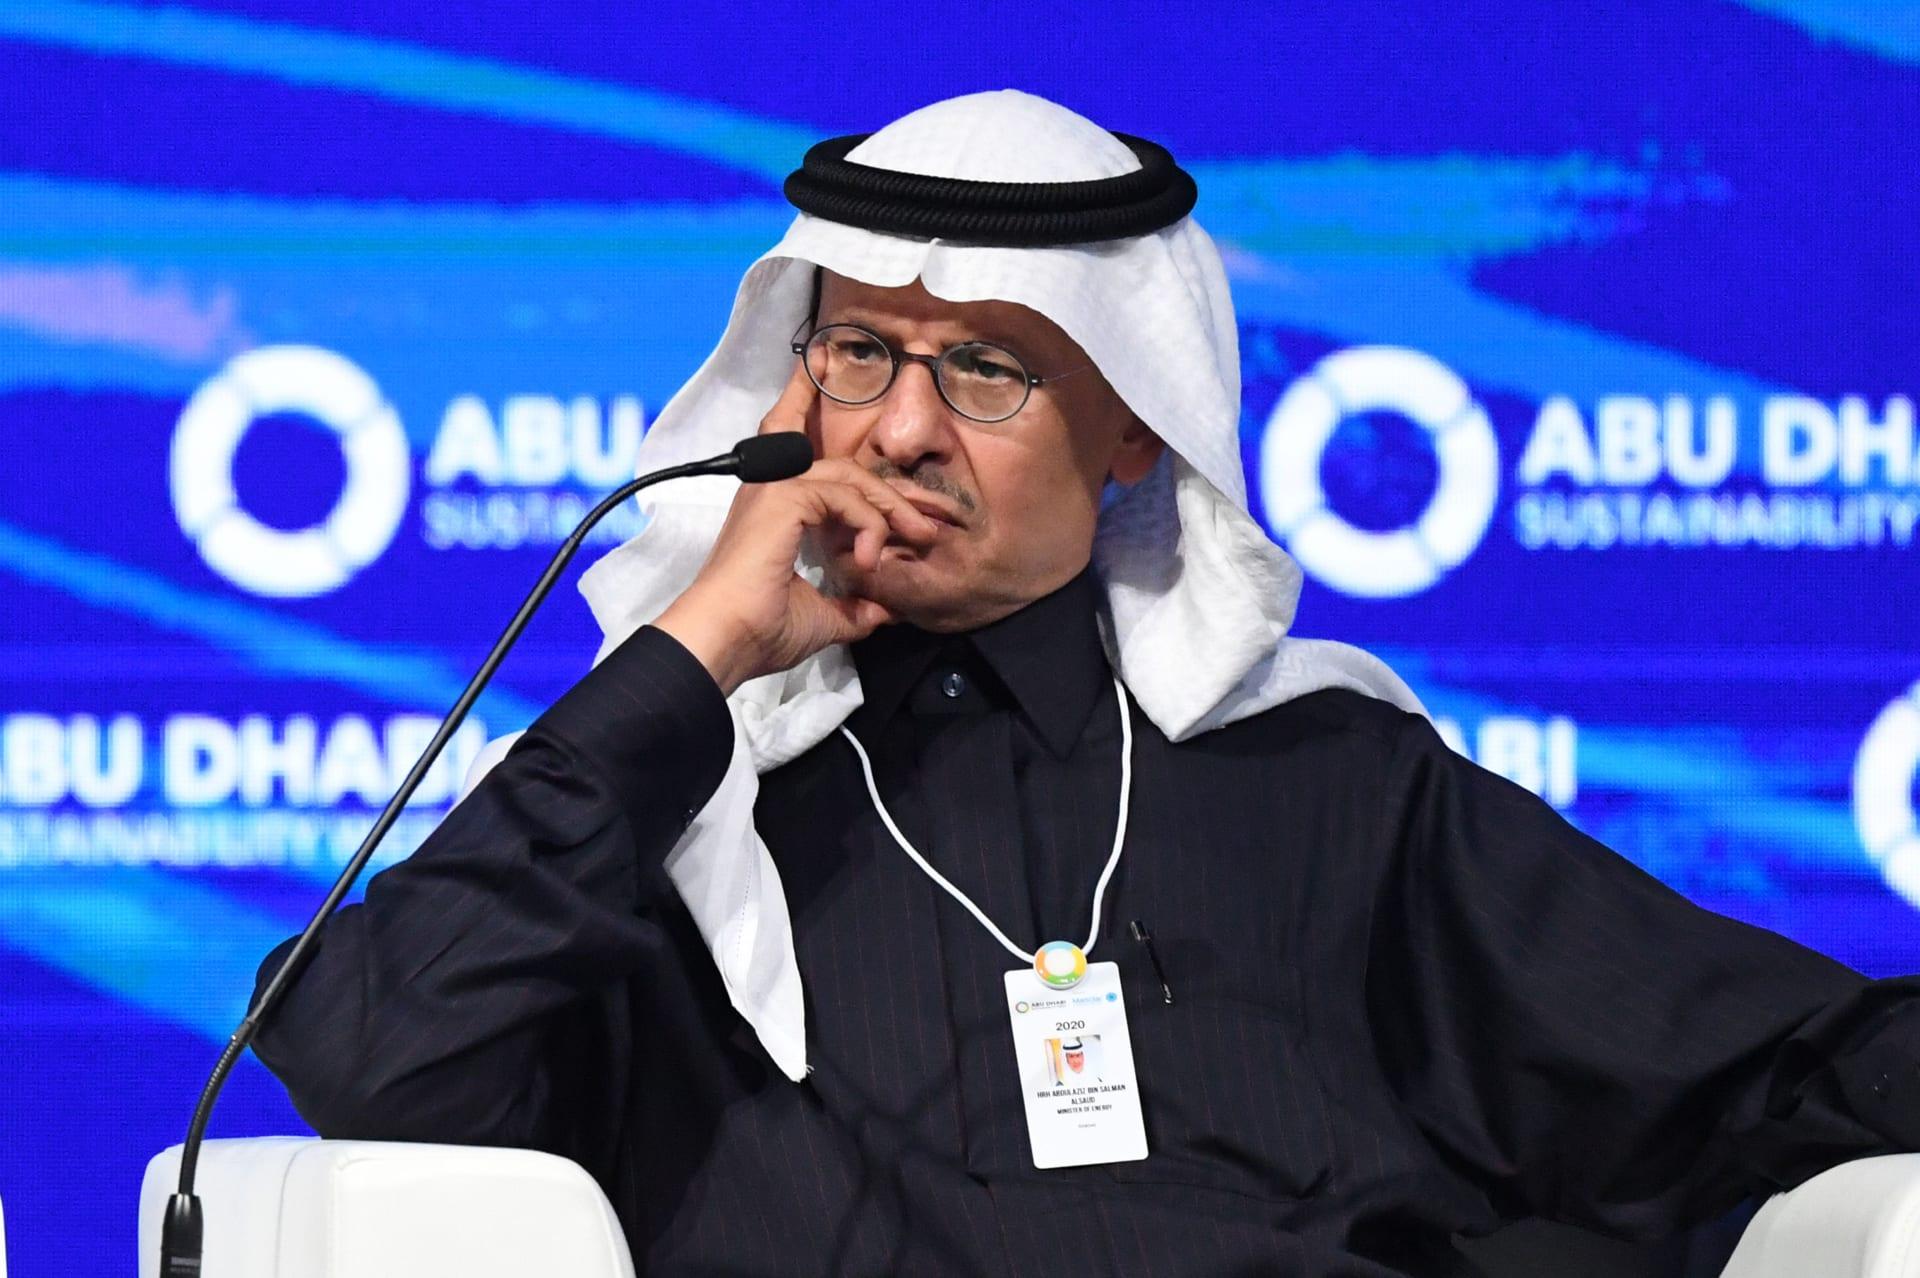 """بعد موقف الإمارات.. وزير الطاقة السعودي يطالب بـ""""العقلانية والتنازلات"""" ويتساءل: لماذا لم تعبر الدول ن تحفظاتها سابقا؟"""